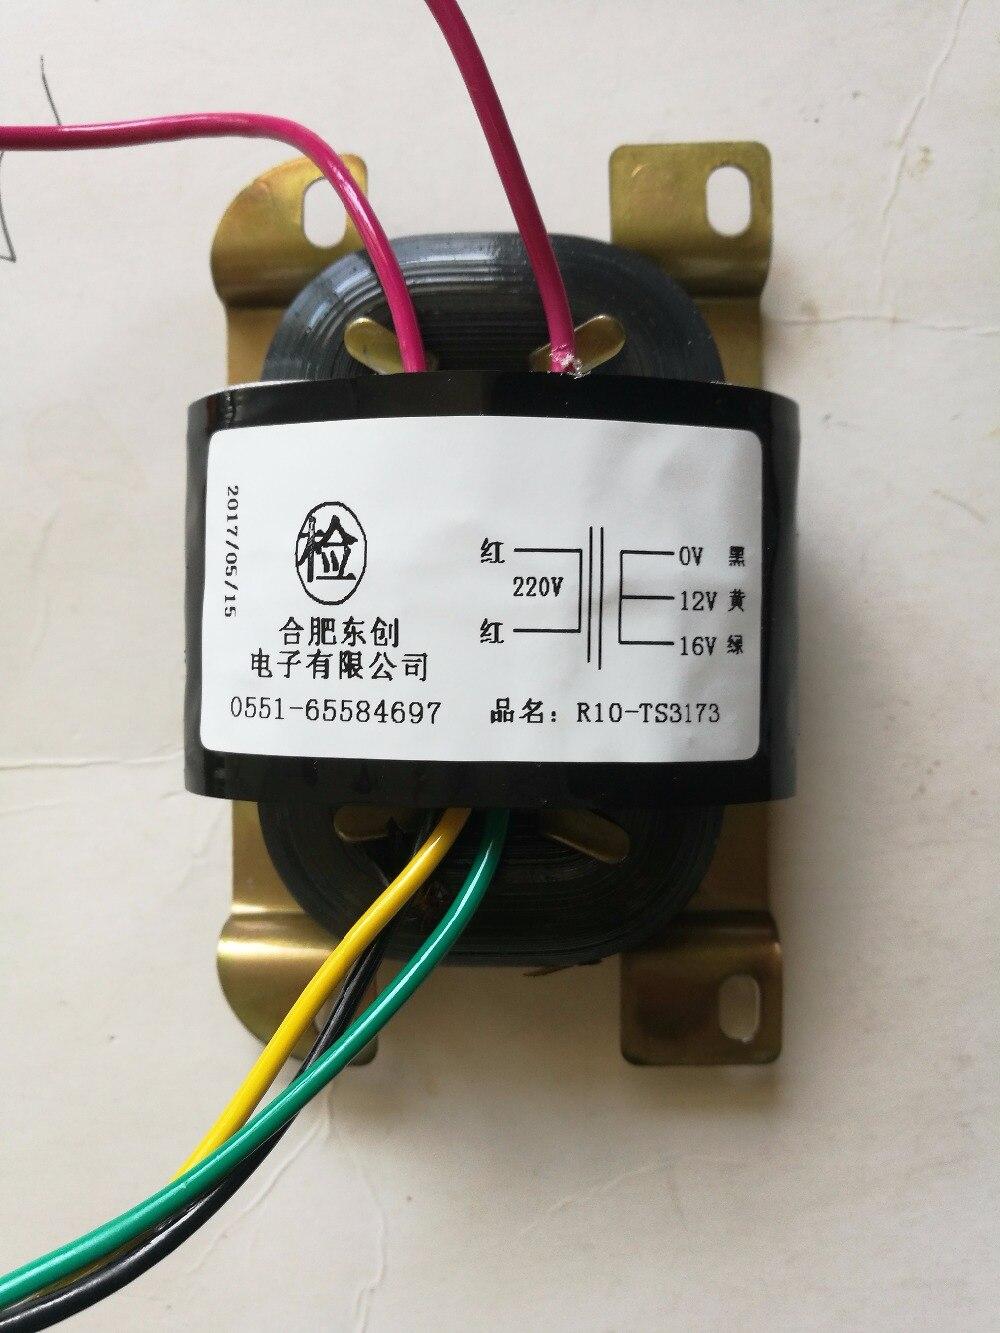 0-12V-16V трансформатор R Core R20 пользовательские трансформатор 220 В 25VA медный щит светофор специальный трансформатор